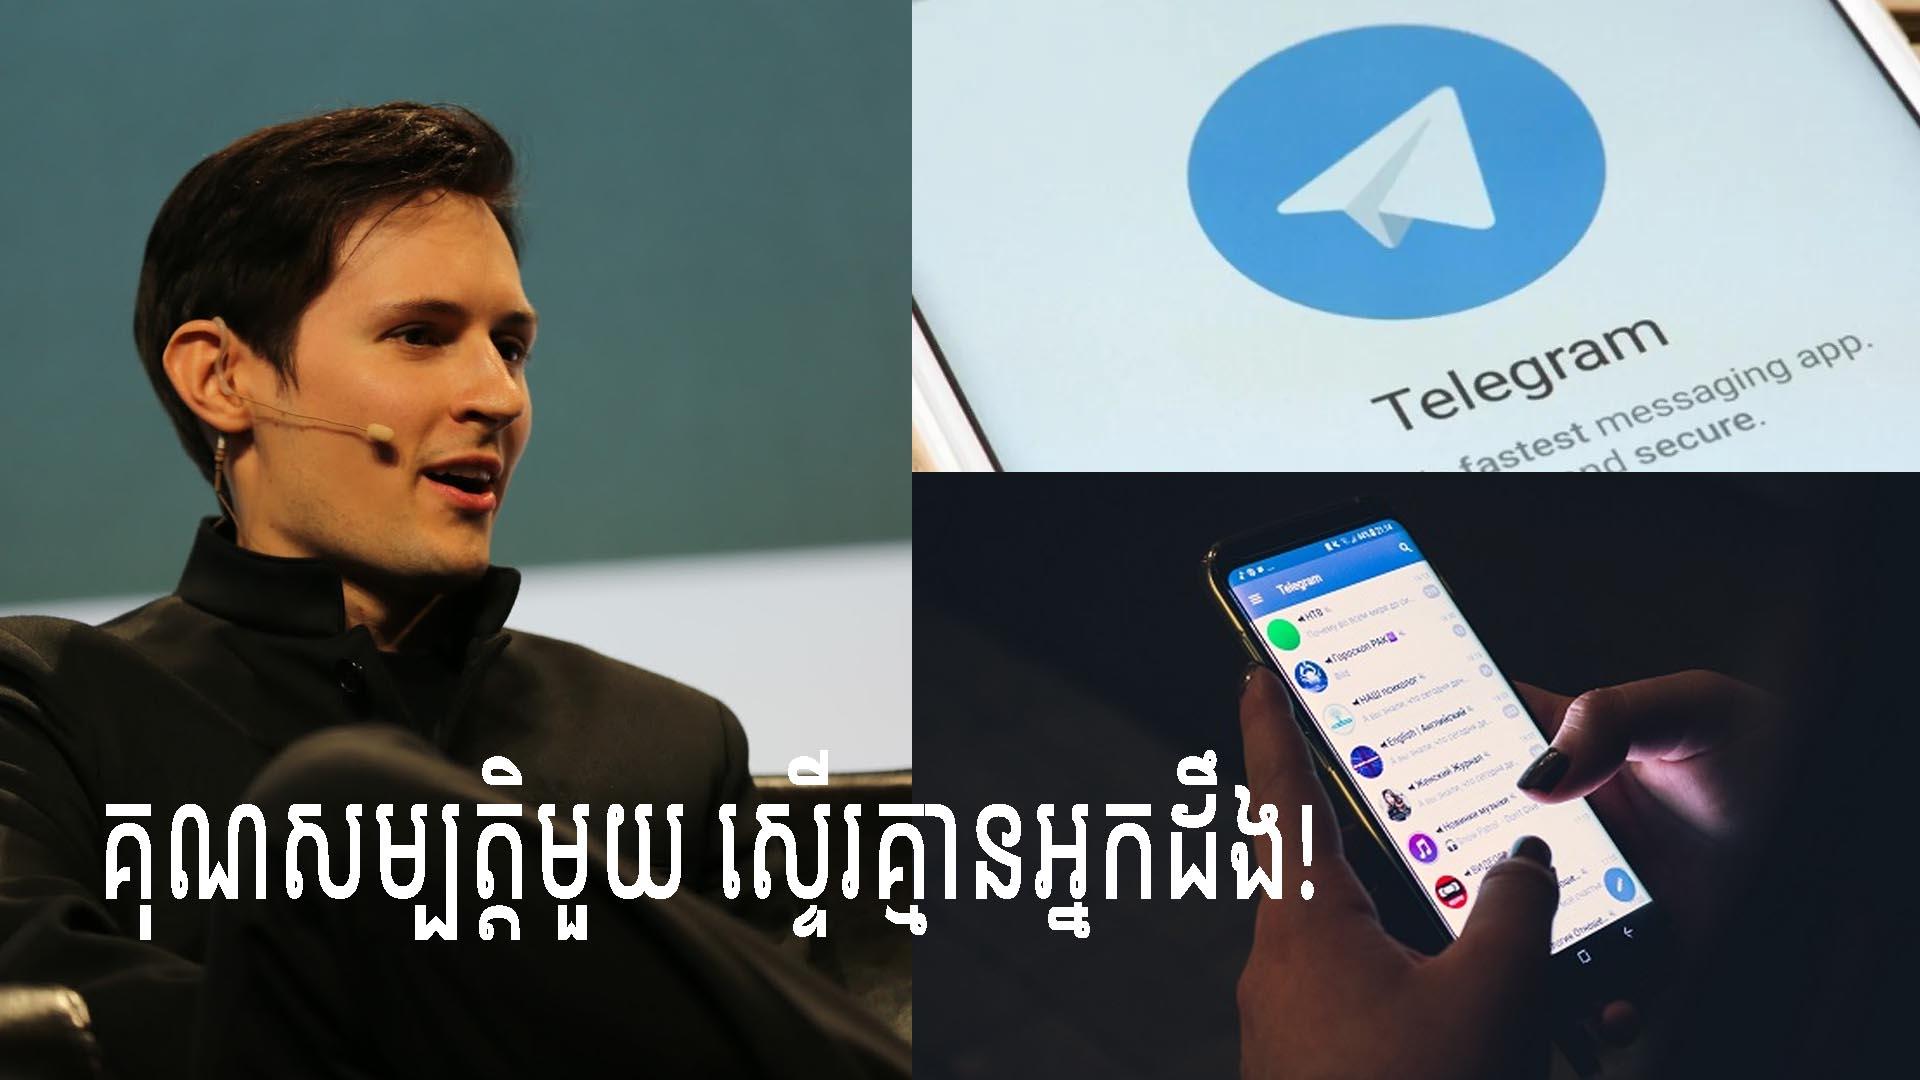 Telegram មានចំនួនអ្នកប្រើប្រាស់សកម្មជាង ៥០០លាននាក់ គុណសម្បត្តិមួយ ស្ទើរគ្មានអ្នកដឹង!